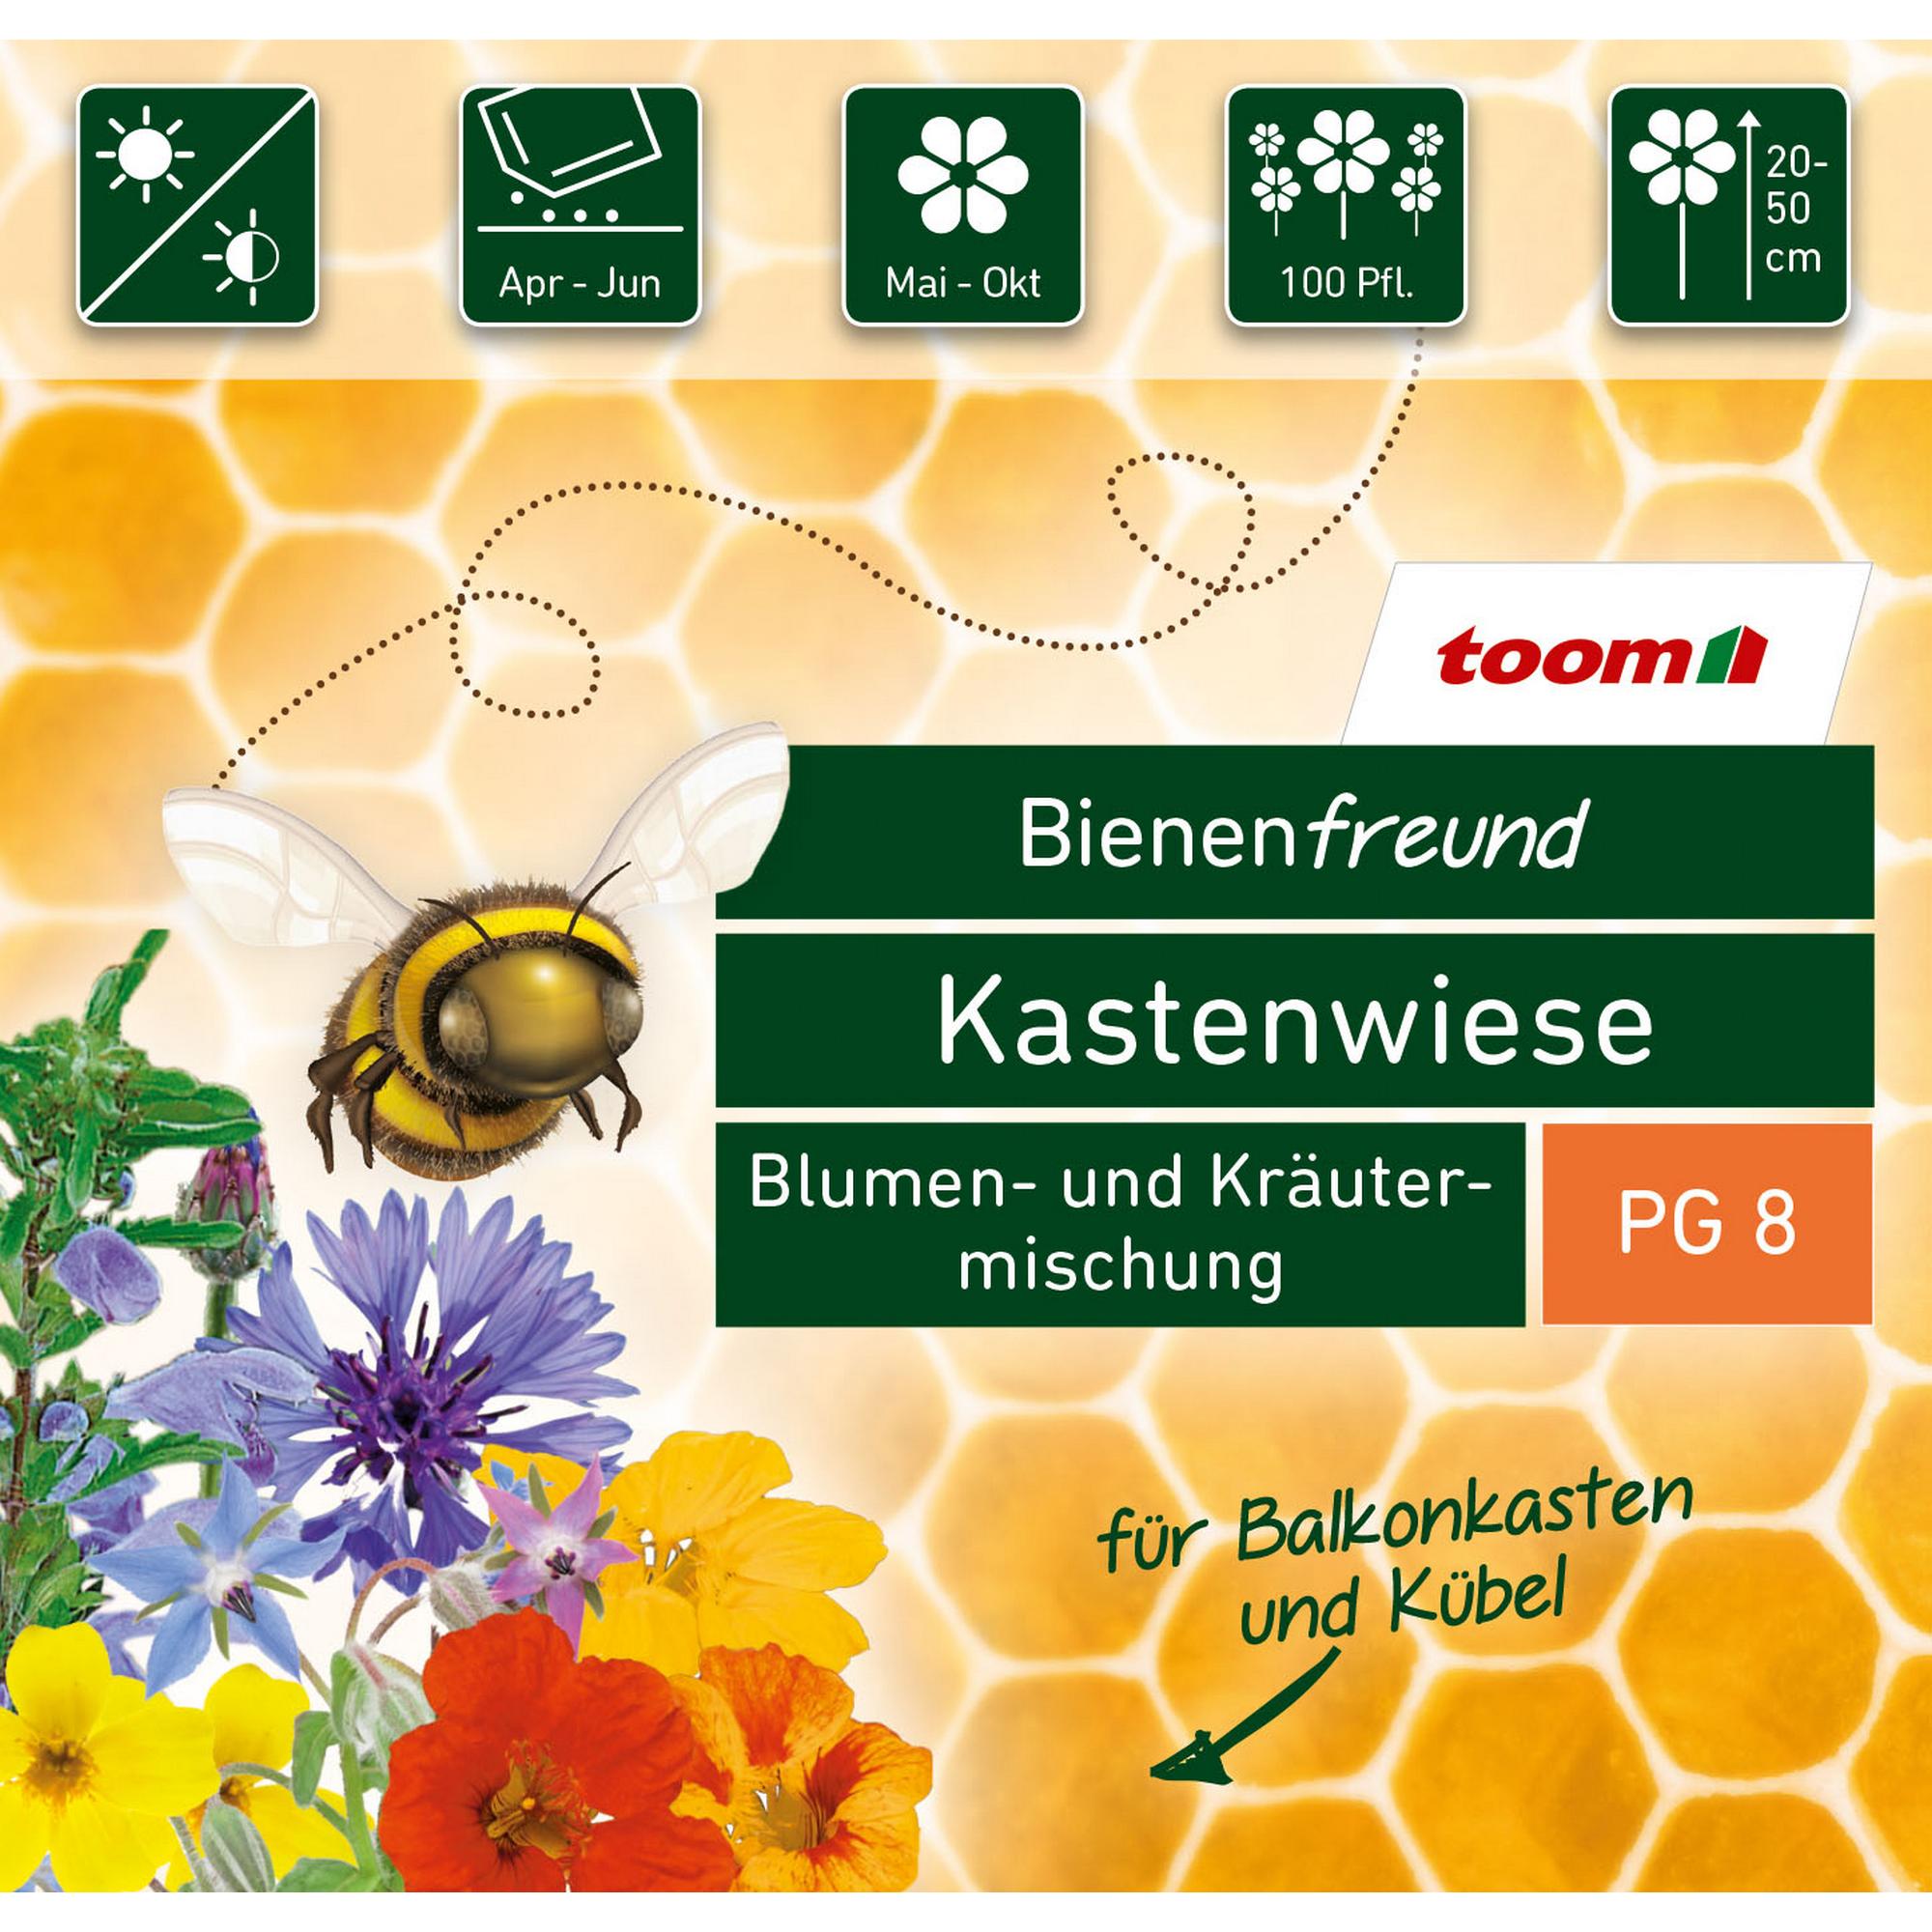 toom Bienenfreund Blumen- und Kräutermischung 'Kastenwiese'